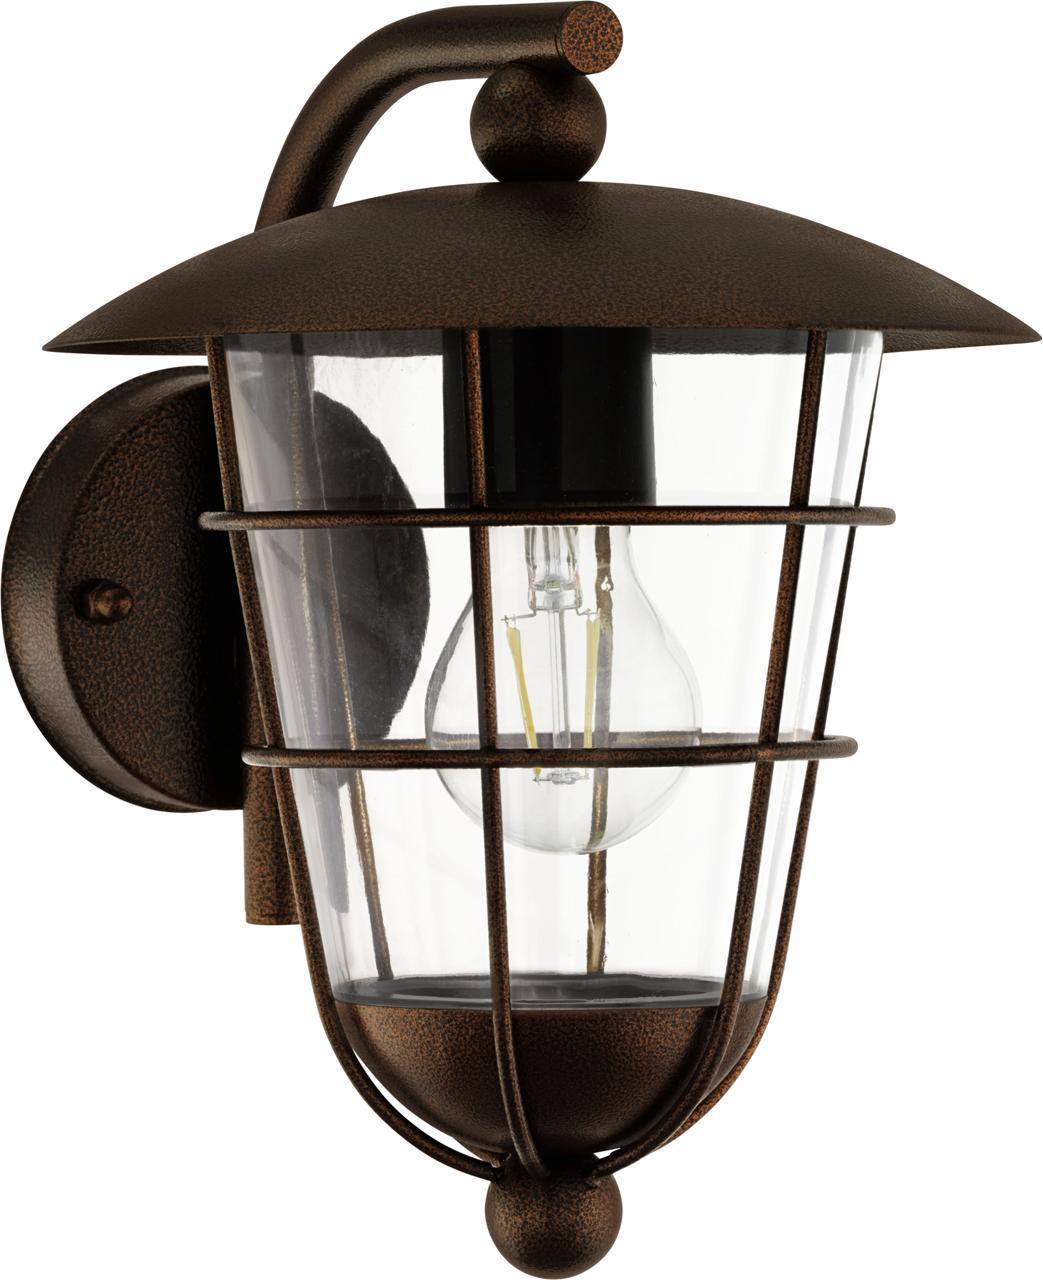 Уличный настенный светильник Eglo Pulfero 1 94855 уличный настенный светильник eglo pulfero 1 94854